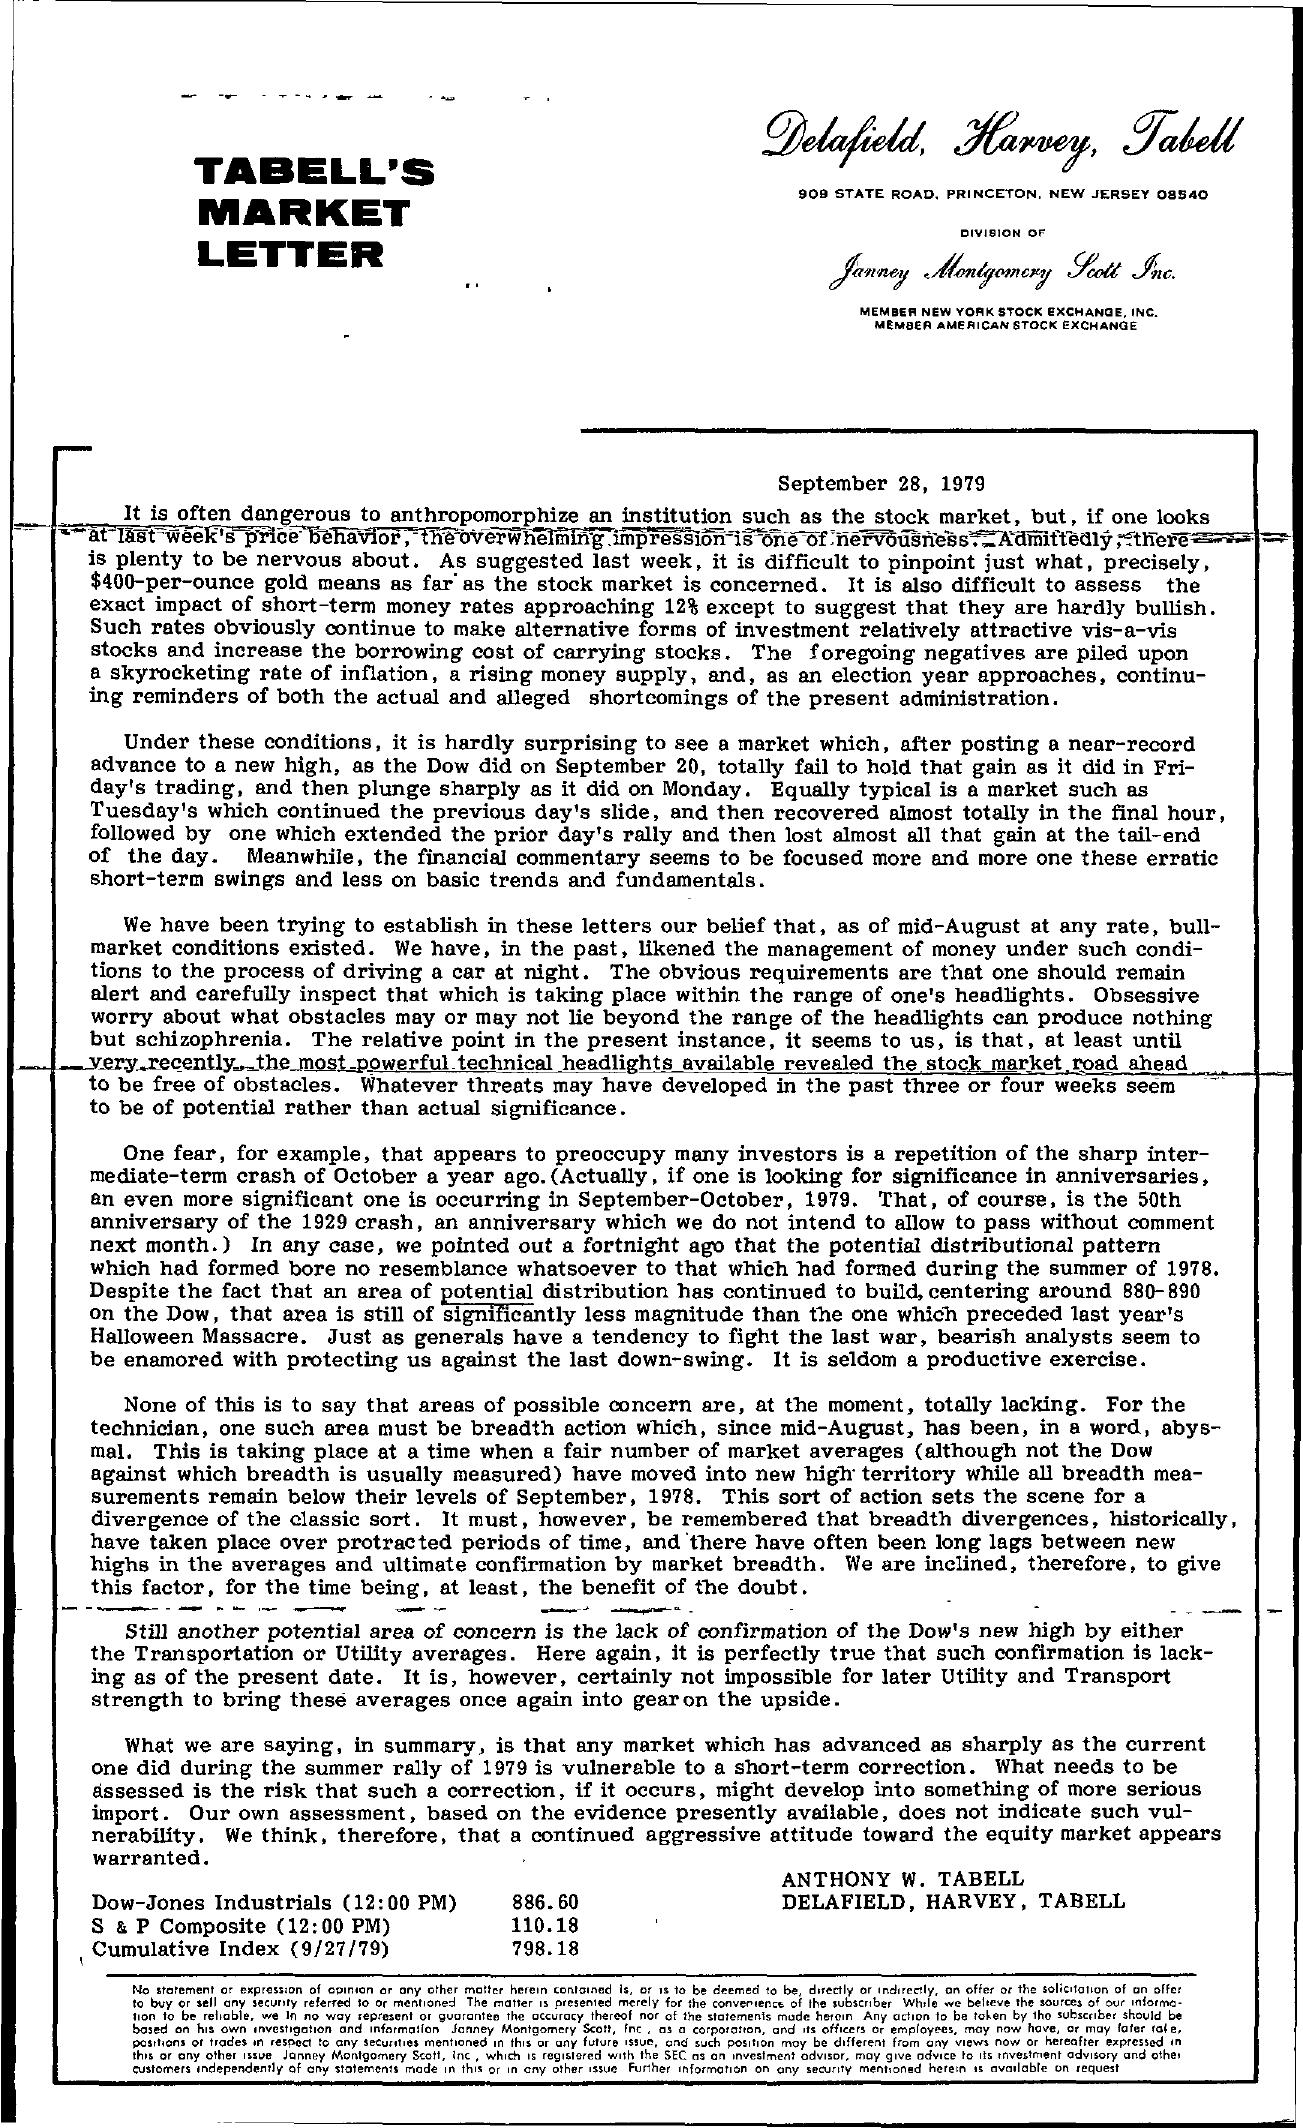 Tabell's Market Letter - September 28, 1979